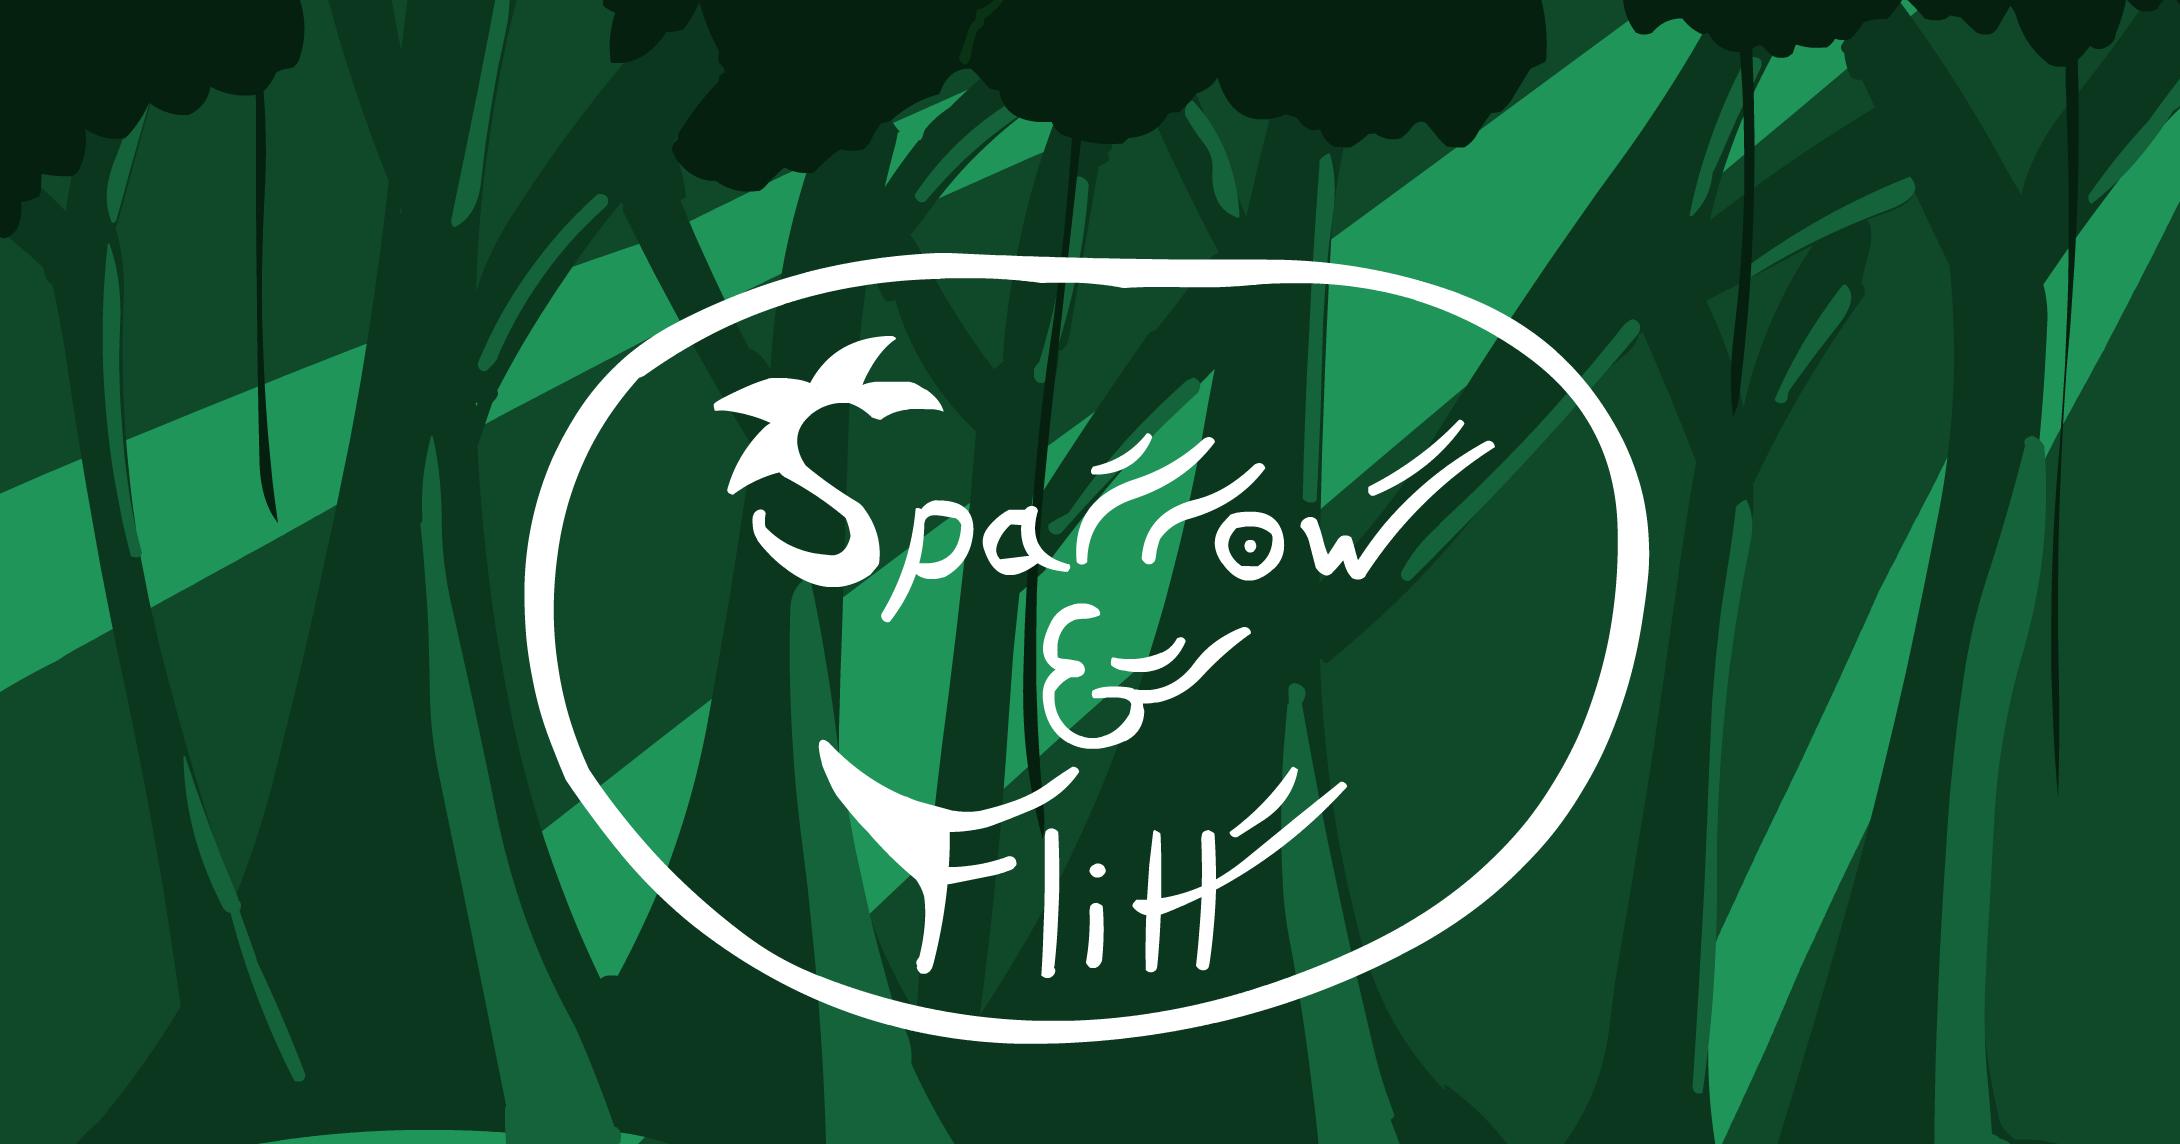 Sparrow & Flitt